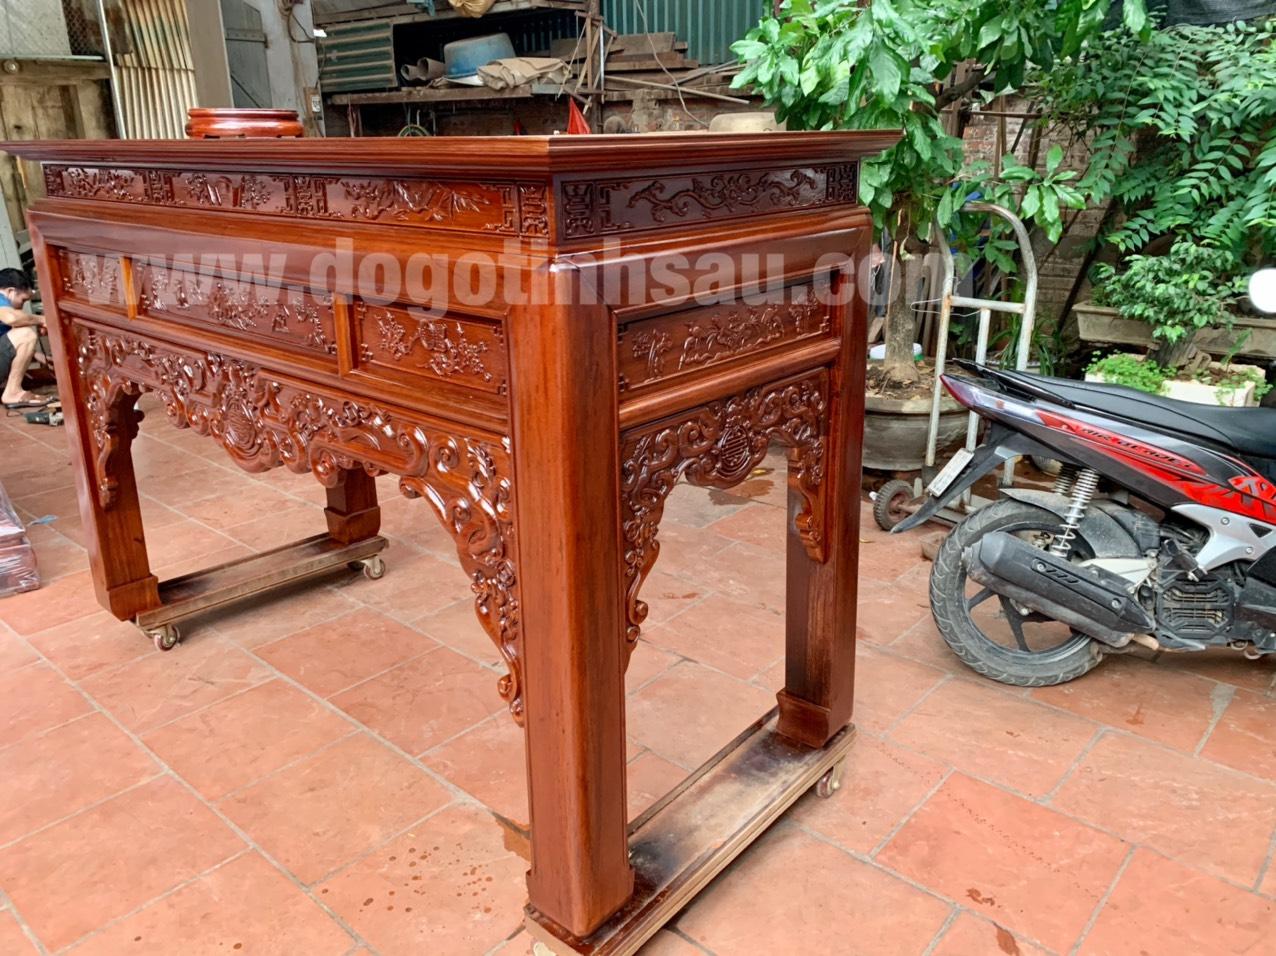 ban tho bang go gu nhu y - Bàn thờ án gian mẫu như ý gỗ gụ lào 1m97